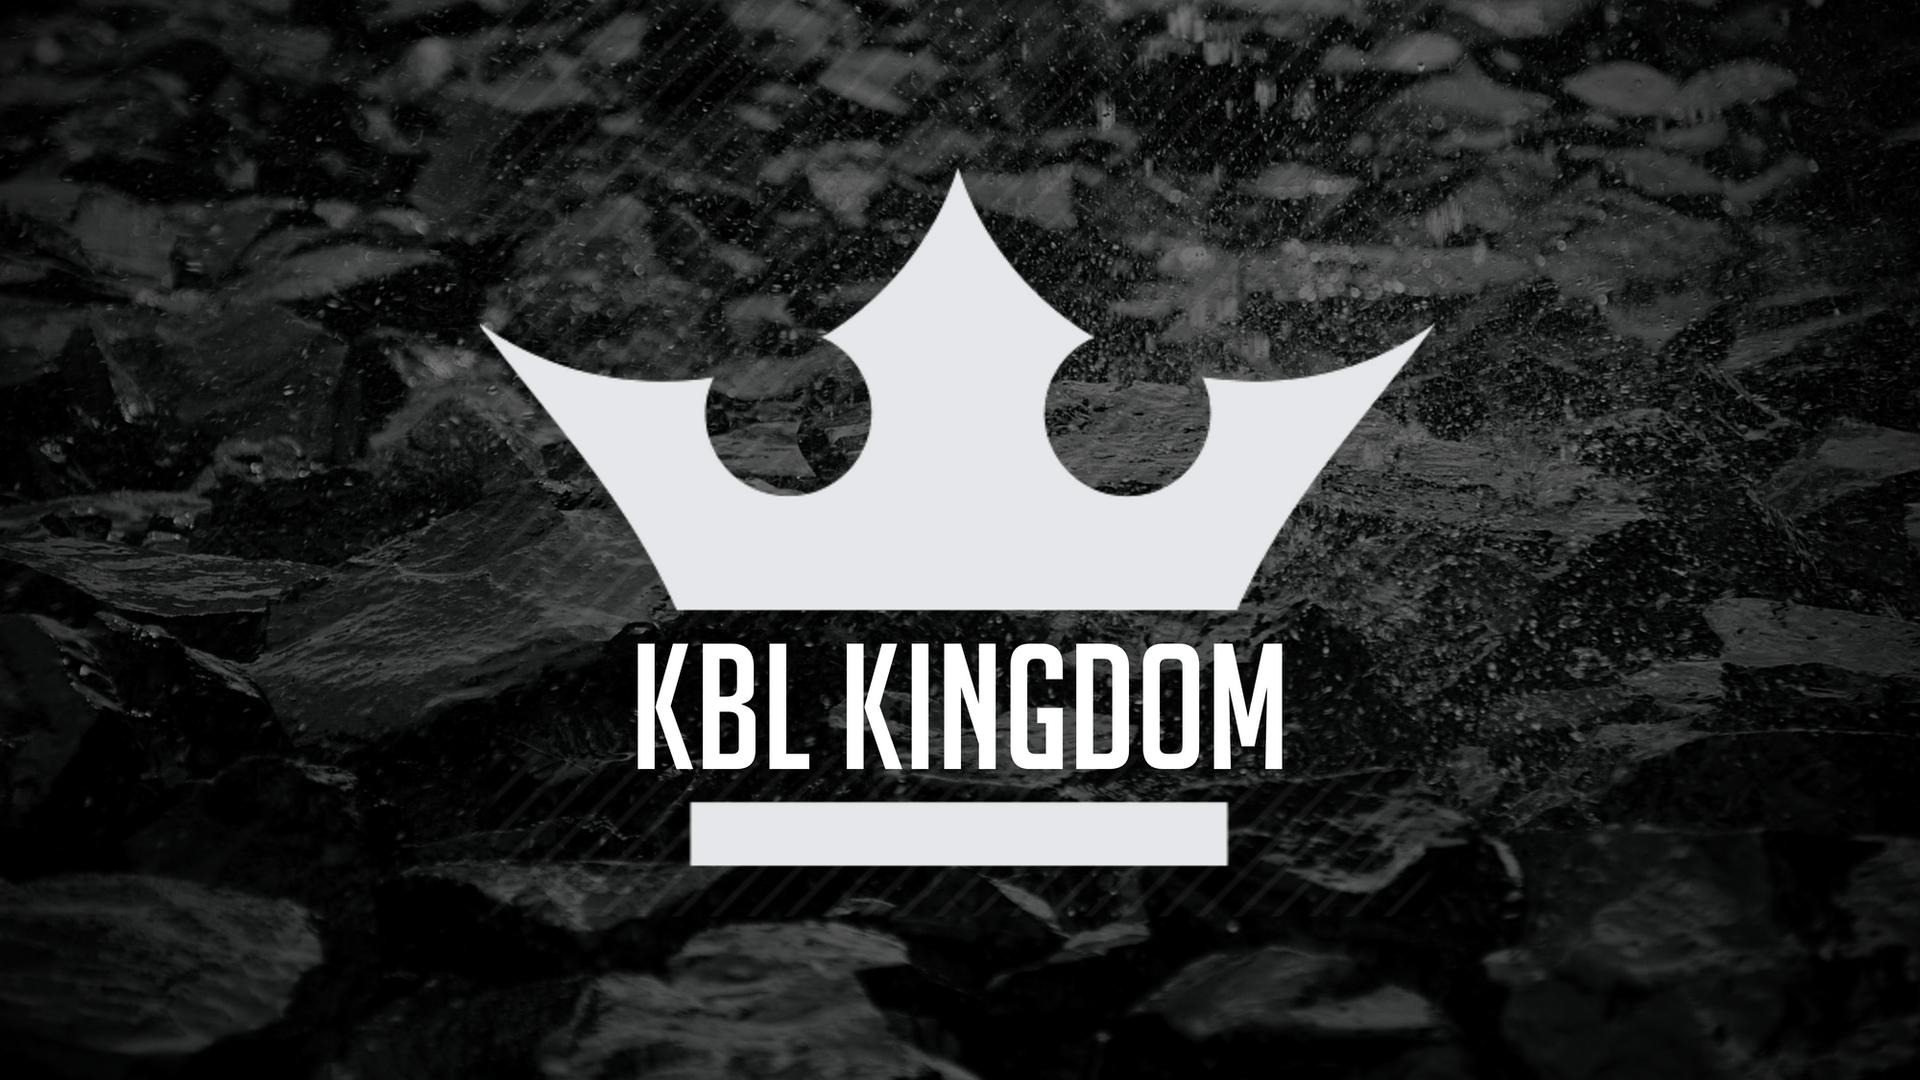 KBL Kingdom